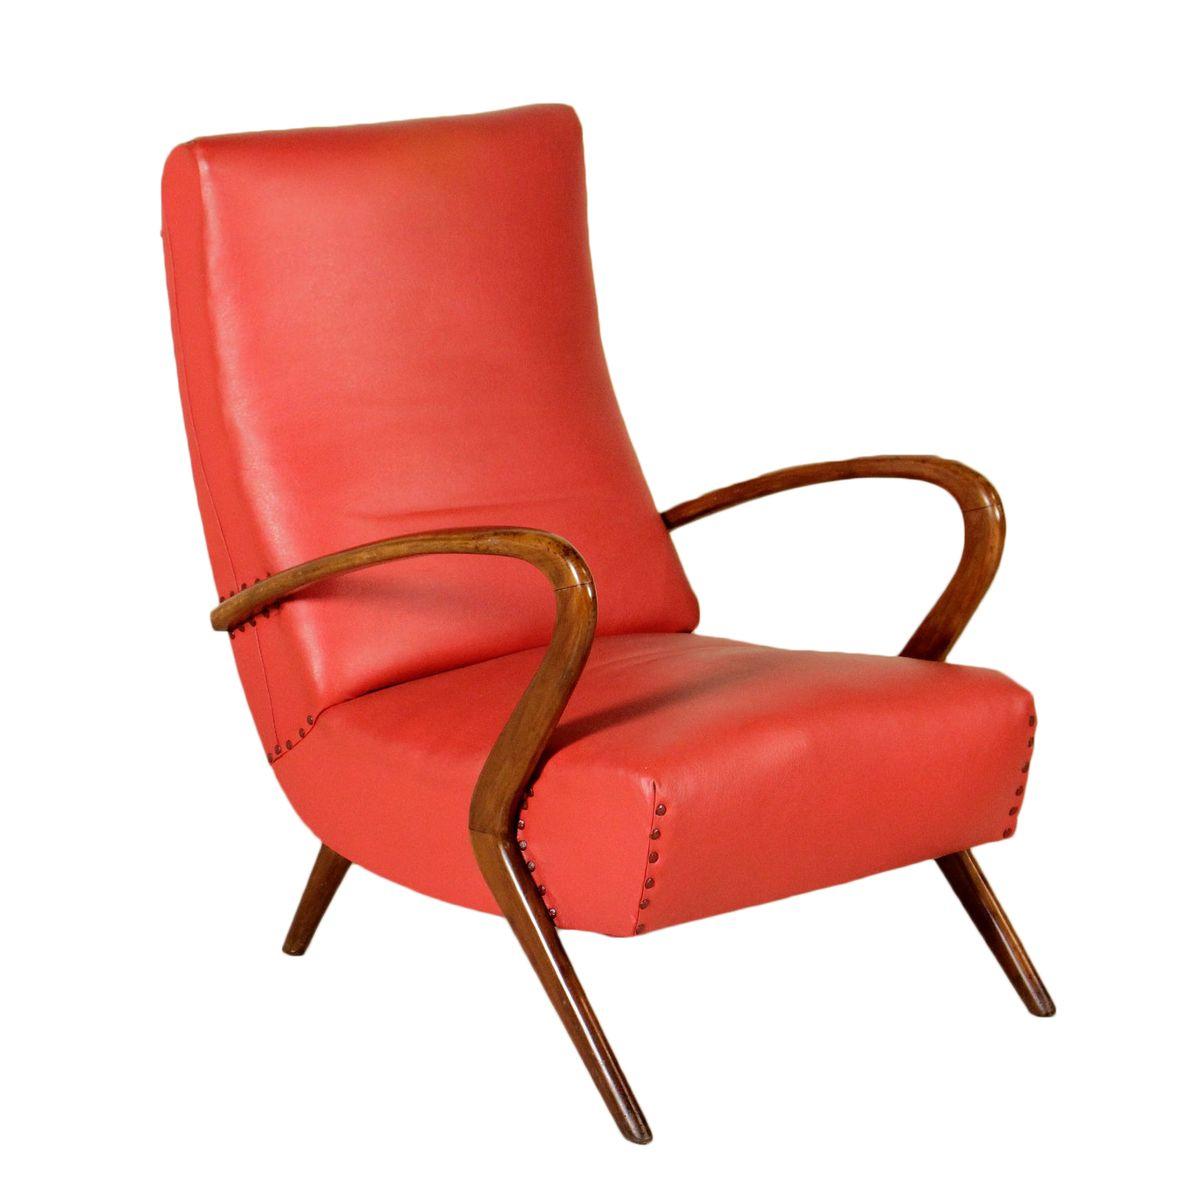 Italienischer Sessel aus Kunstleder & gebeizter Buche, 1950er